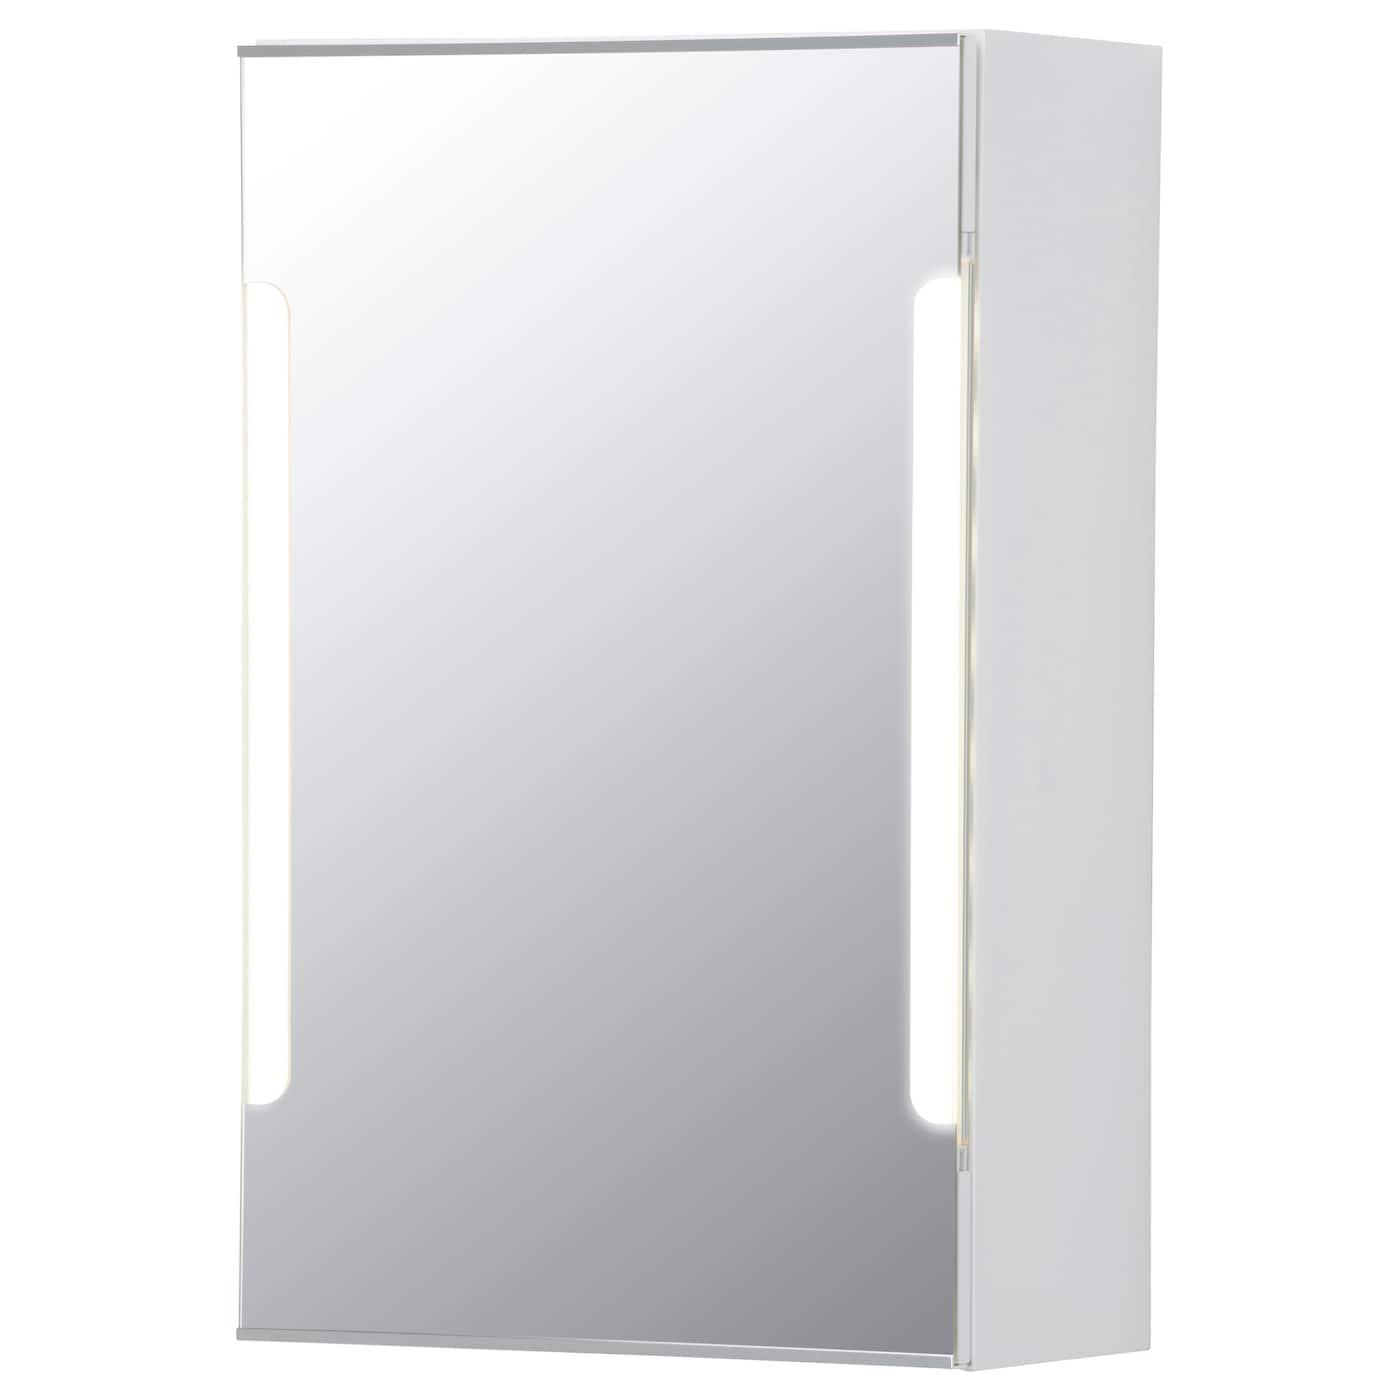 Spiegelkast badkamer - IKEA